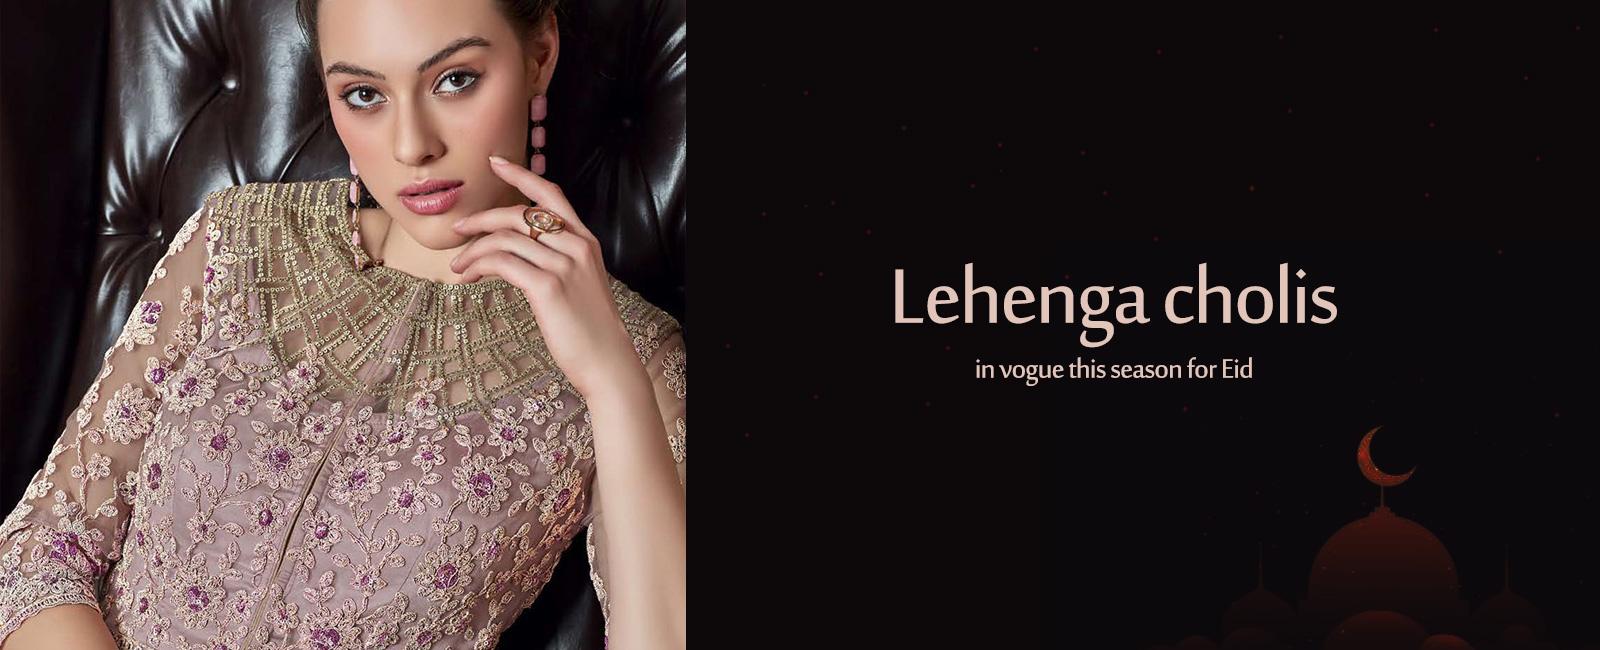 Lehenga Cholis in Vogue This Season For Eid